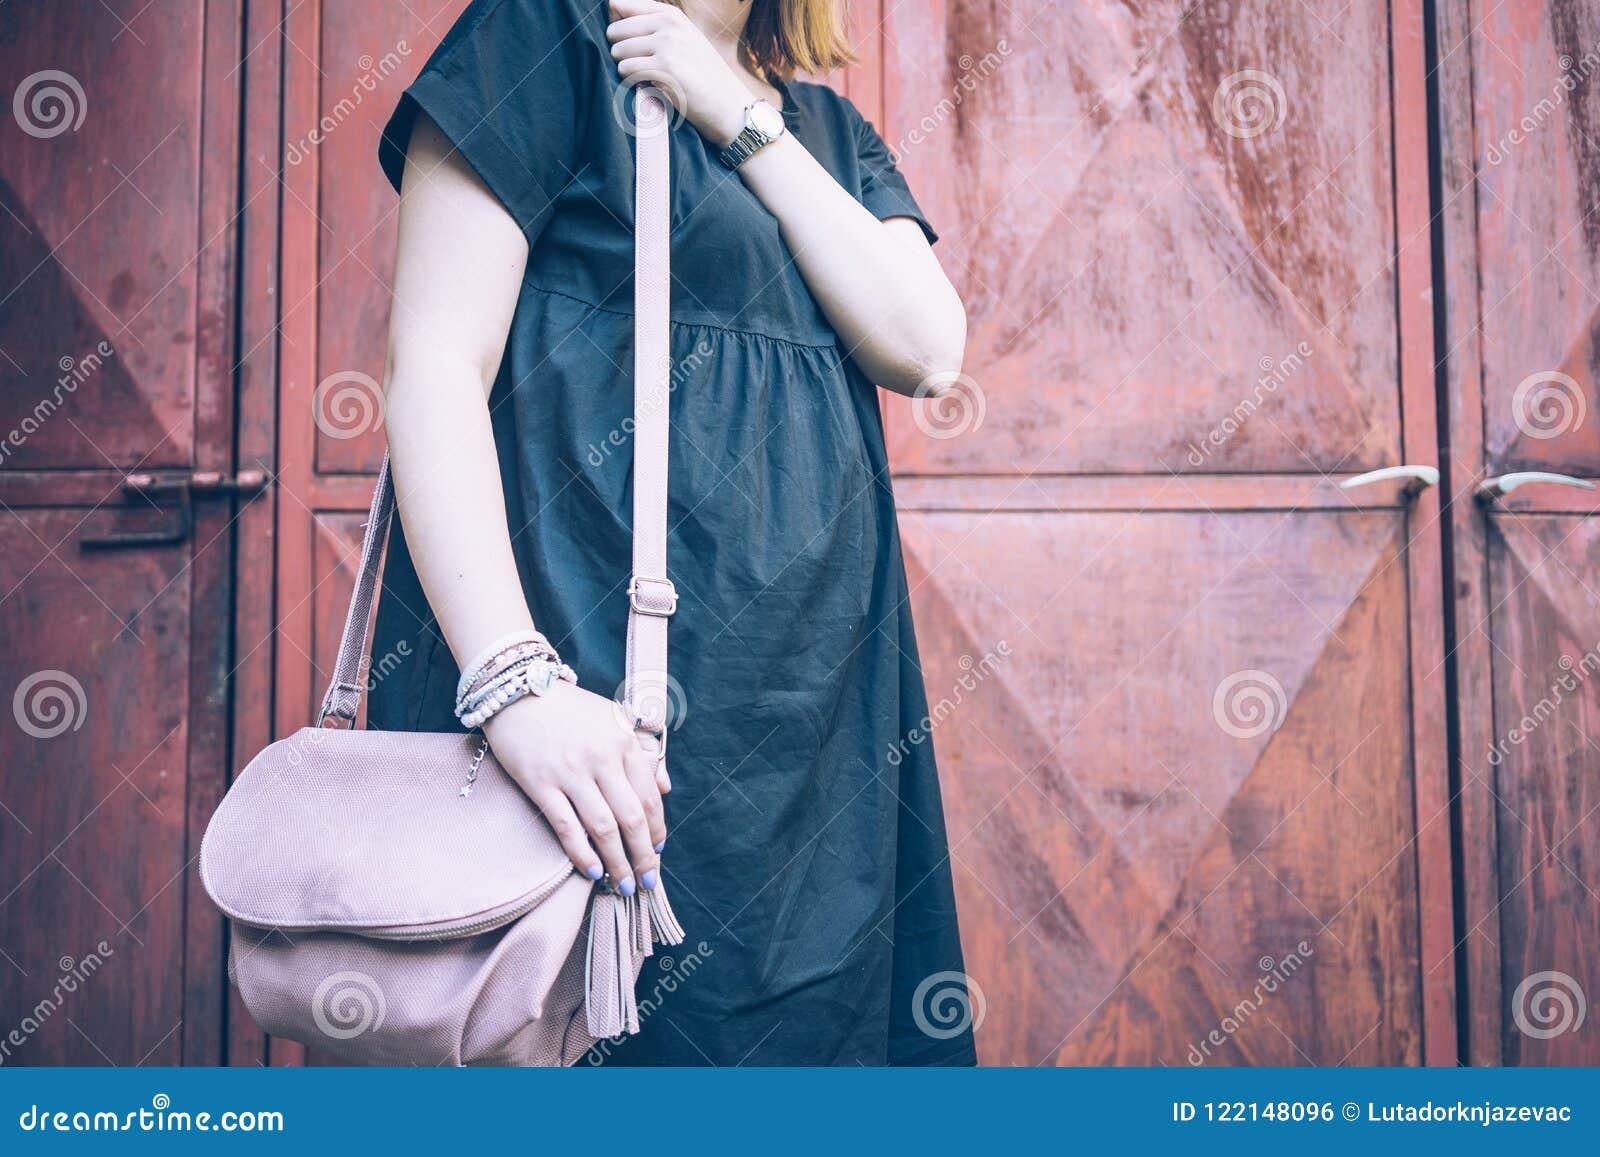 Midsection de una mujer que sostiene un bolso